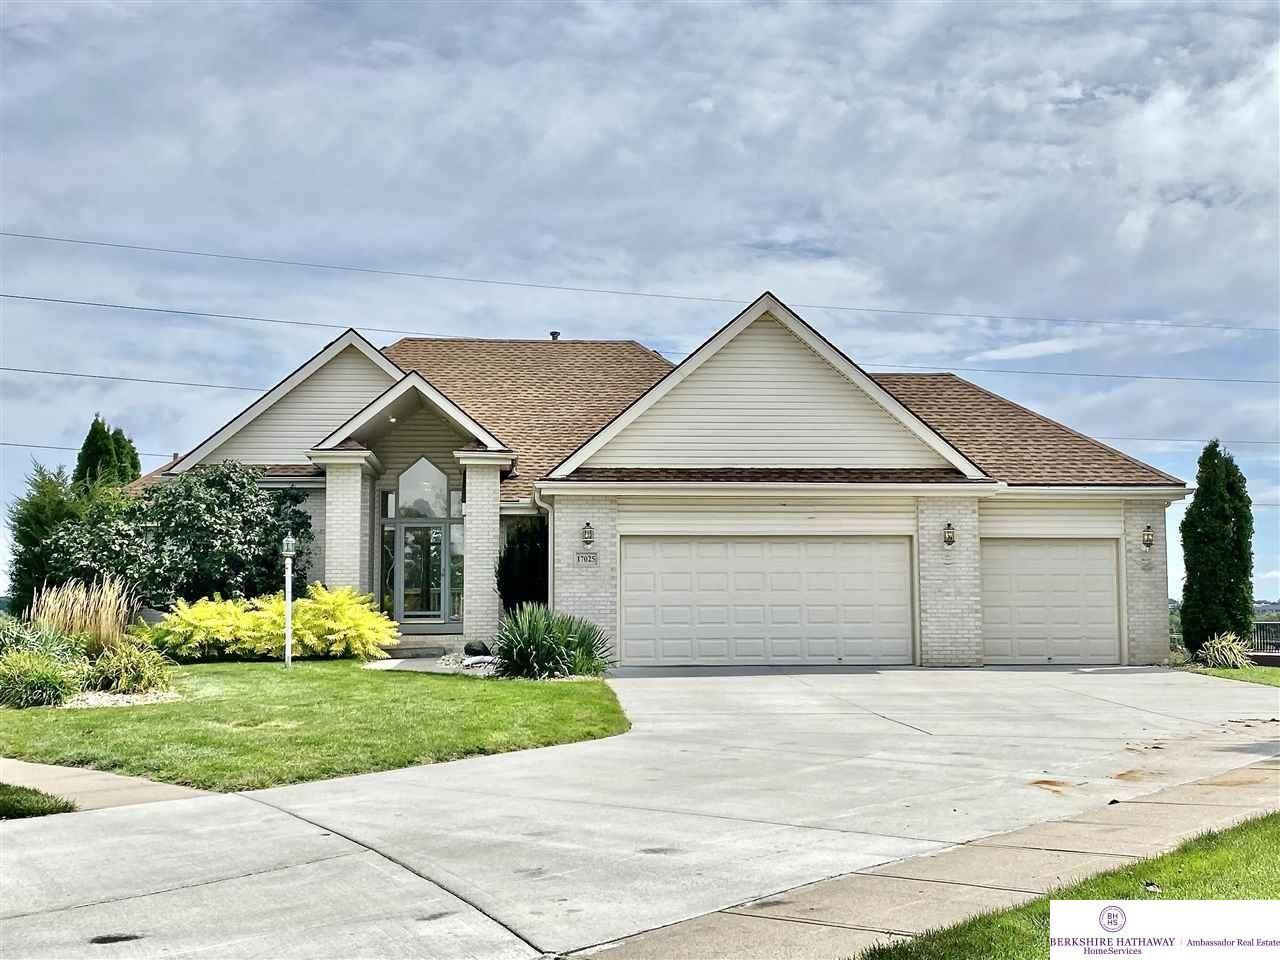 17025 Hamilton Circle, Omaha, NE 68118 - MLS#: 22122252